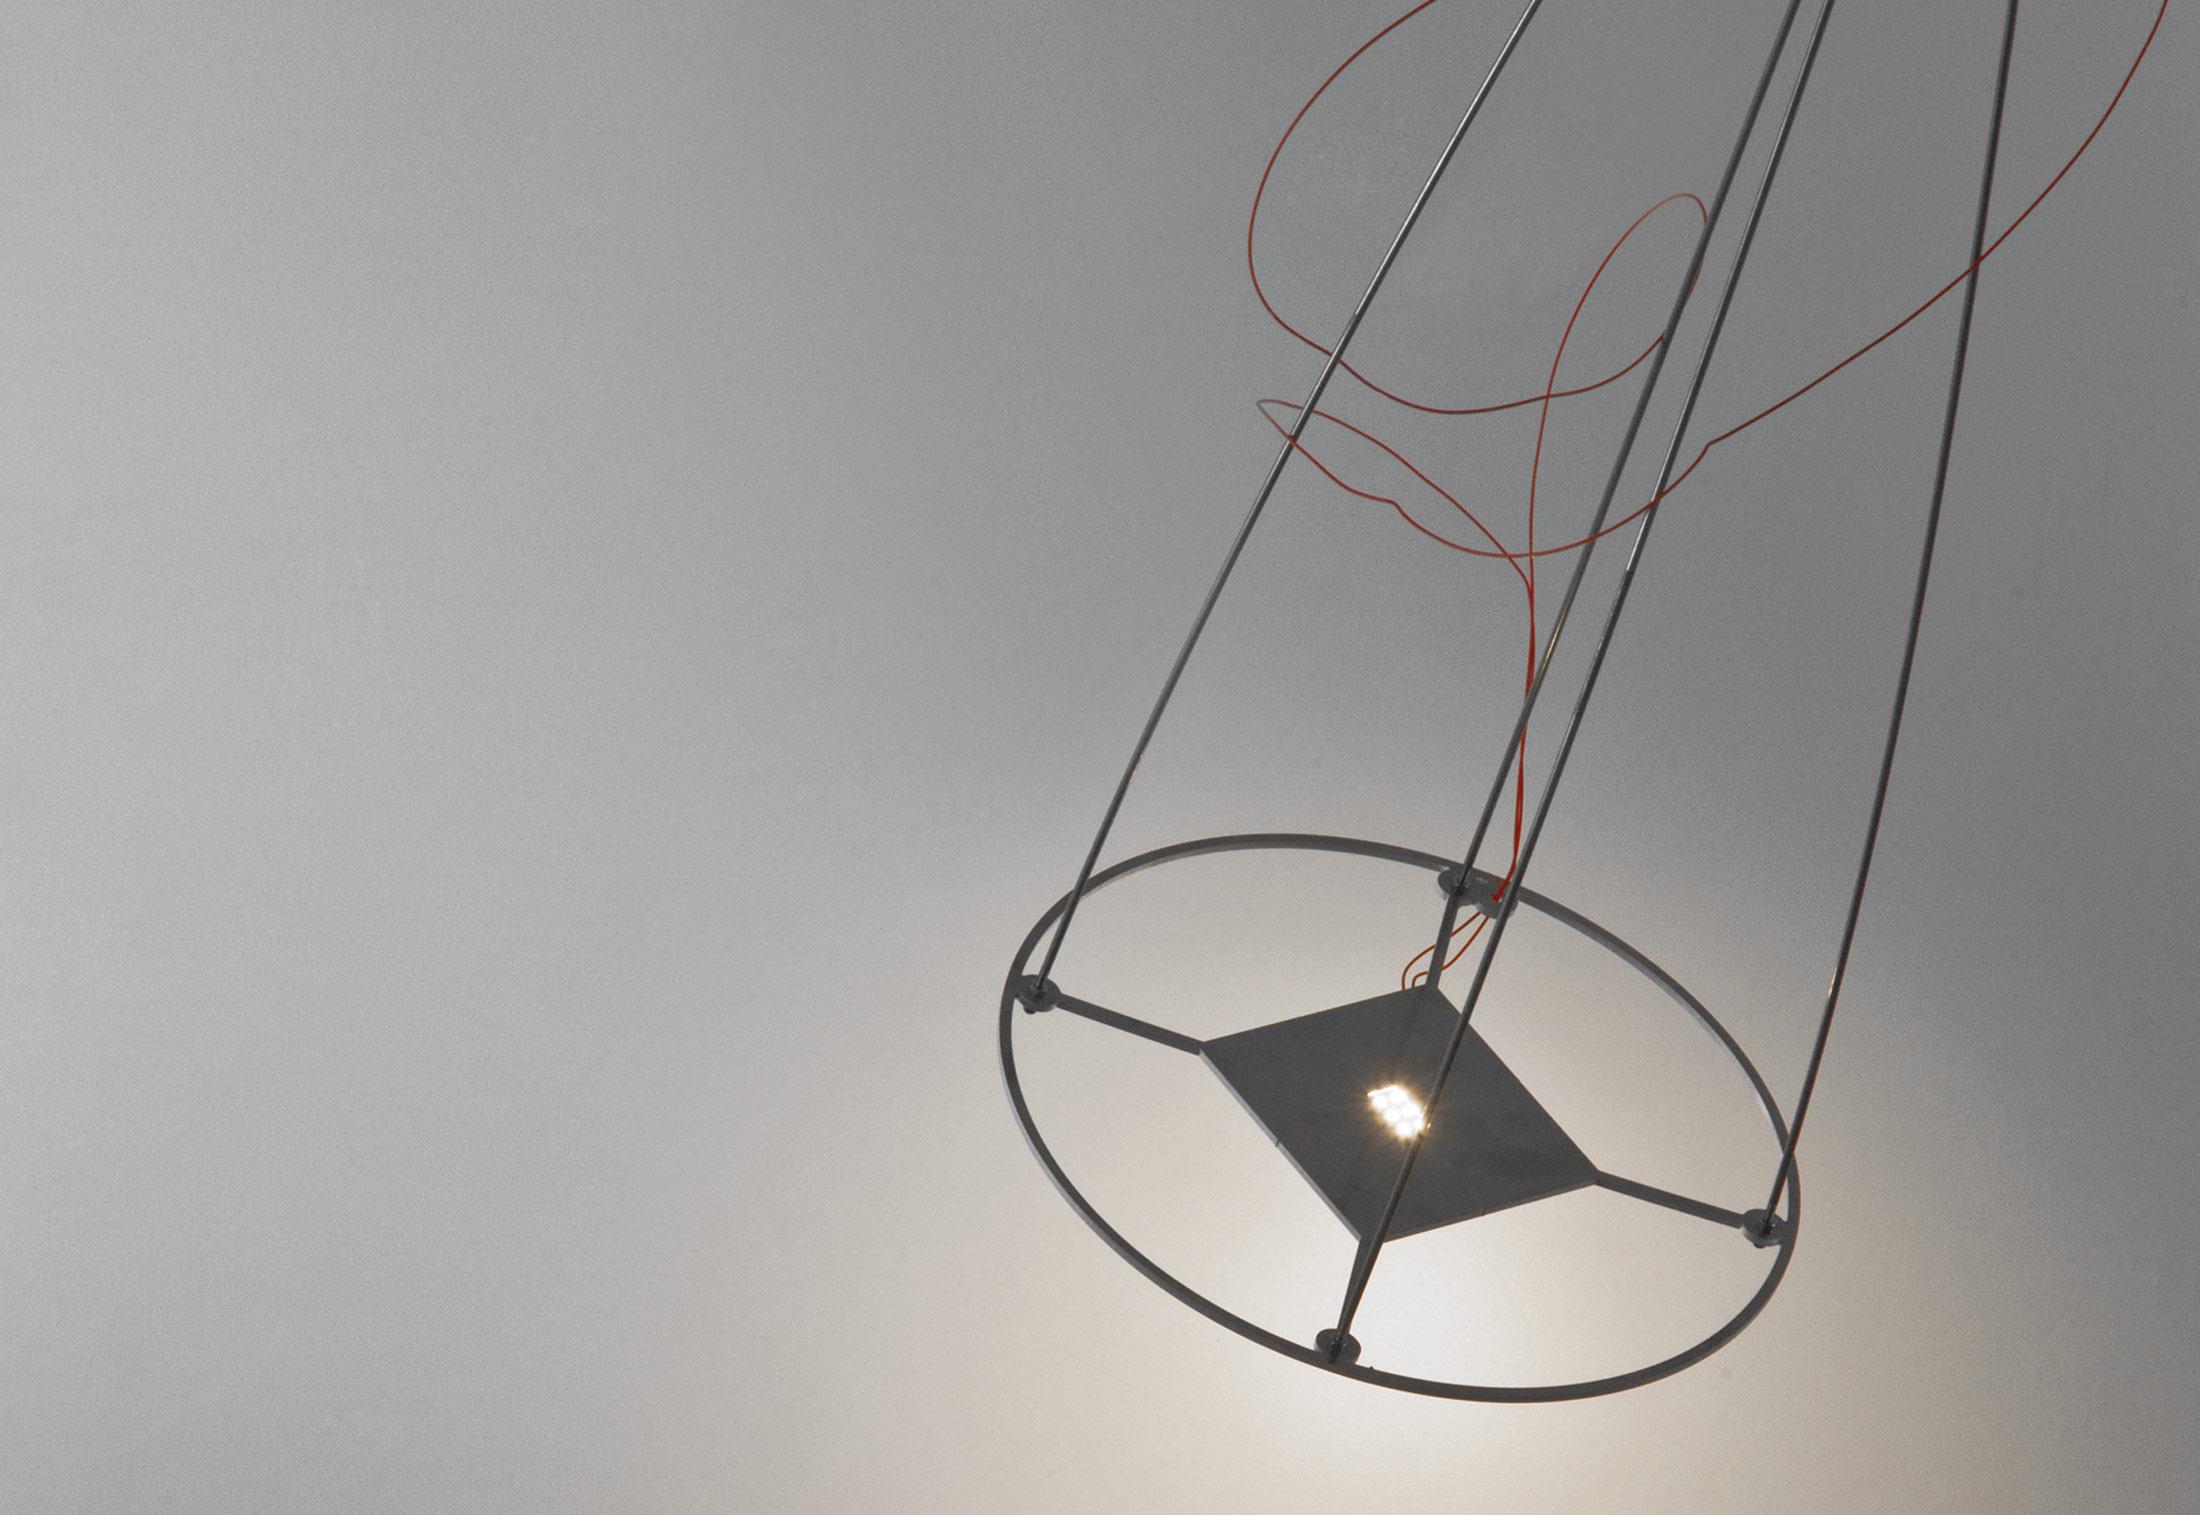 Filmografica pendant lamp by Danese | STYLEPARK